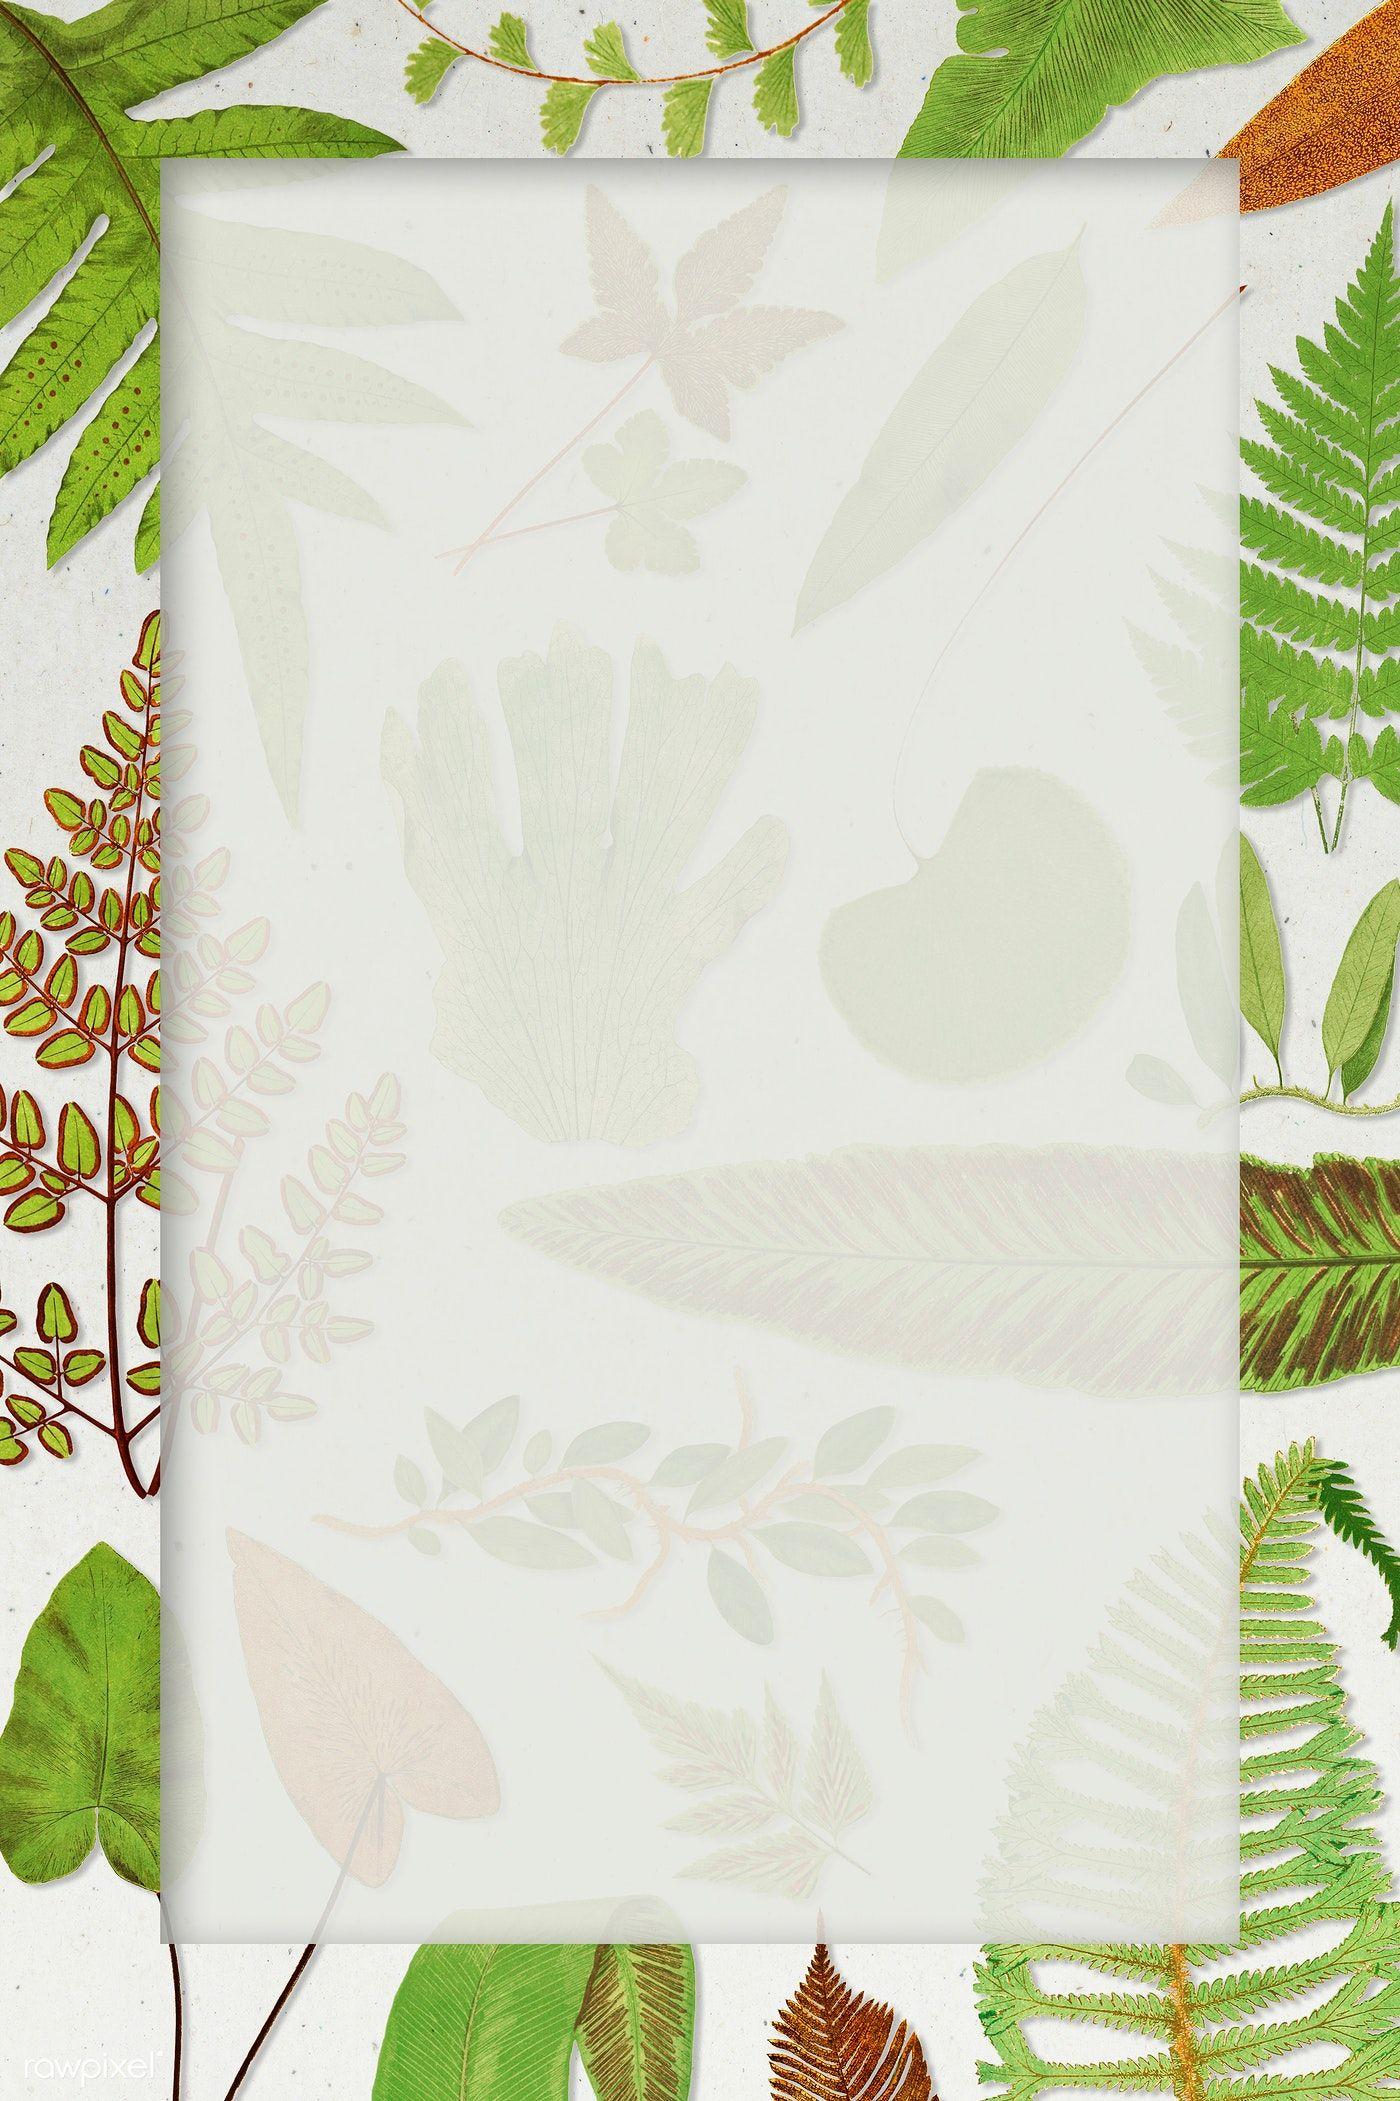 Download Premium Illustration Of Frame Of Fern Leaves Background 2251162 Leaf Background Flower Illustration Leaf Illustration